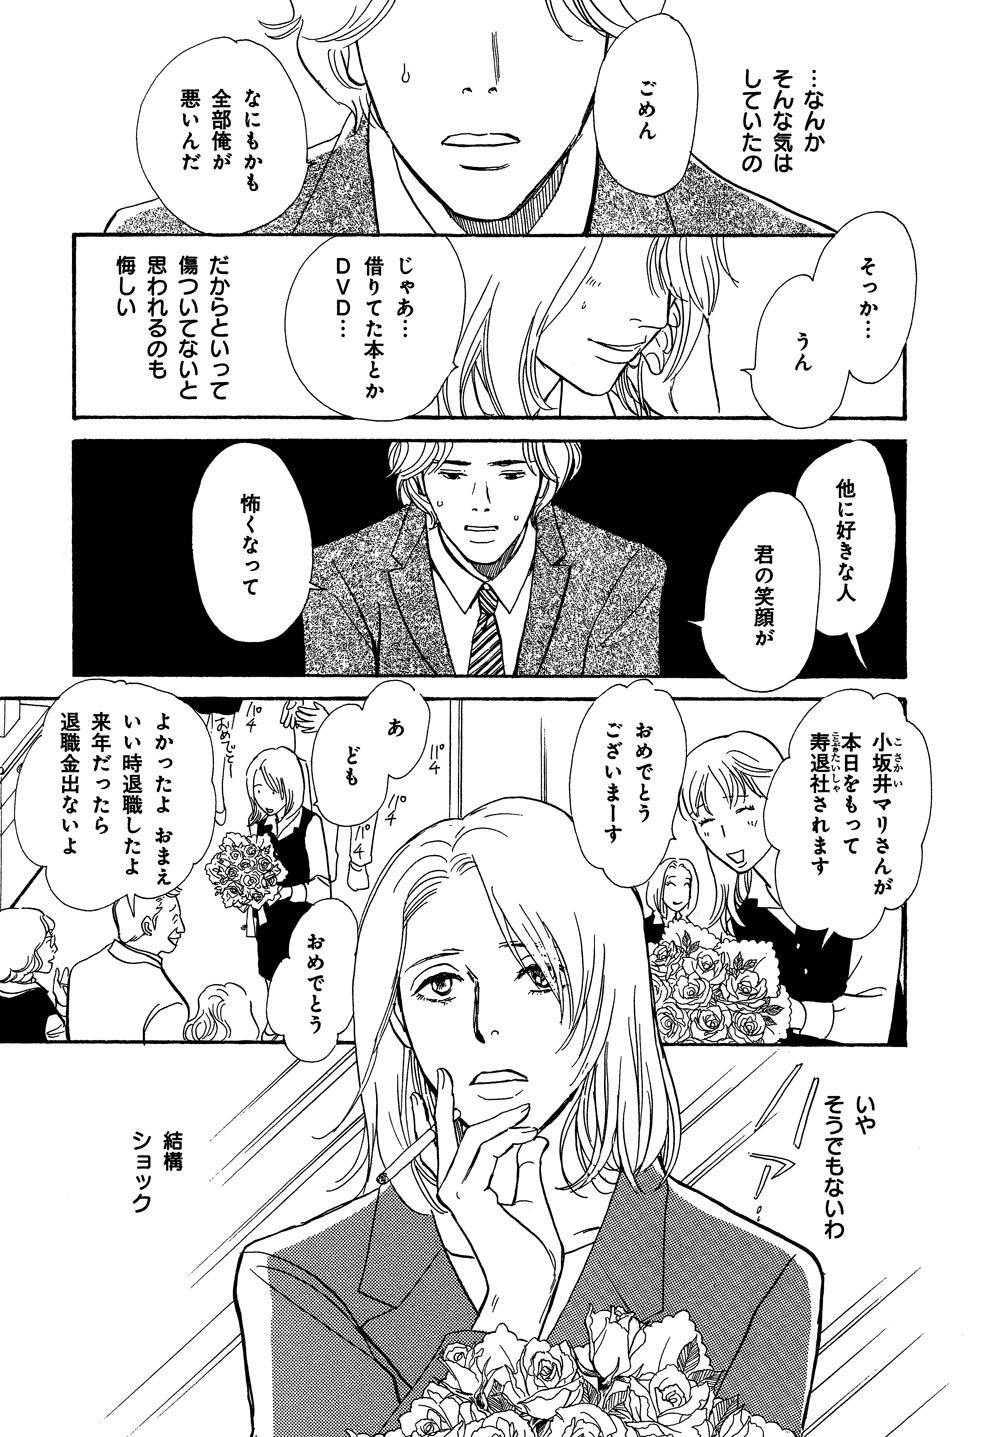 hyakki_0020_0009.jpg